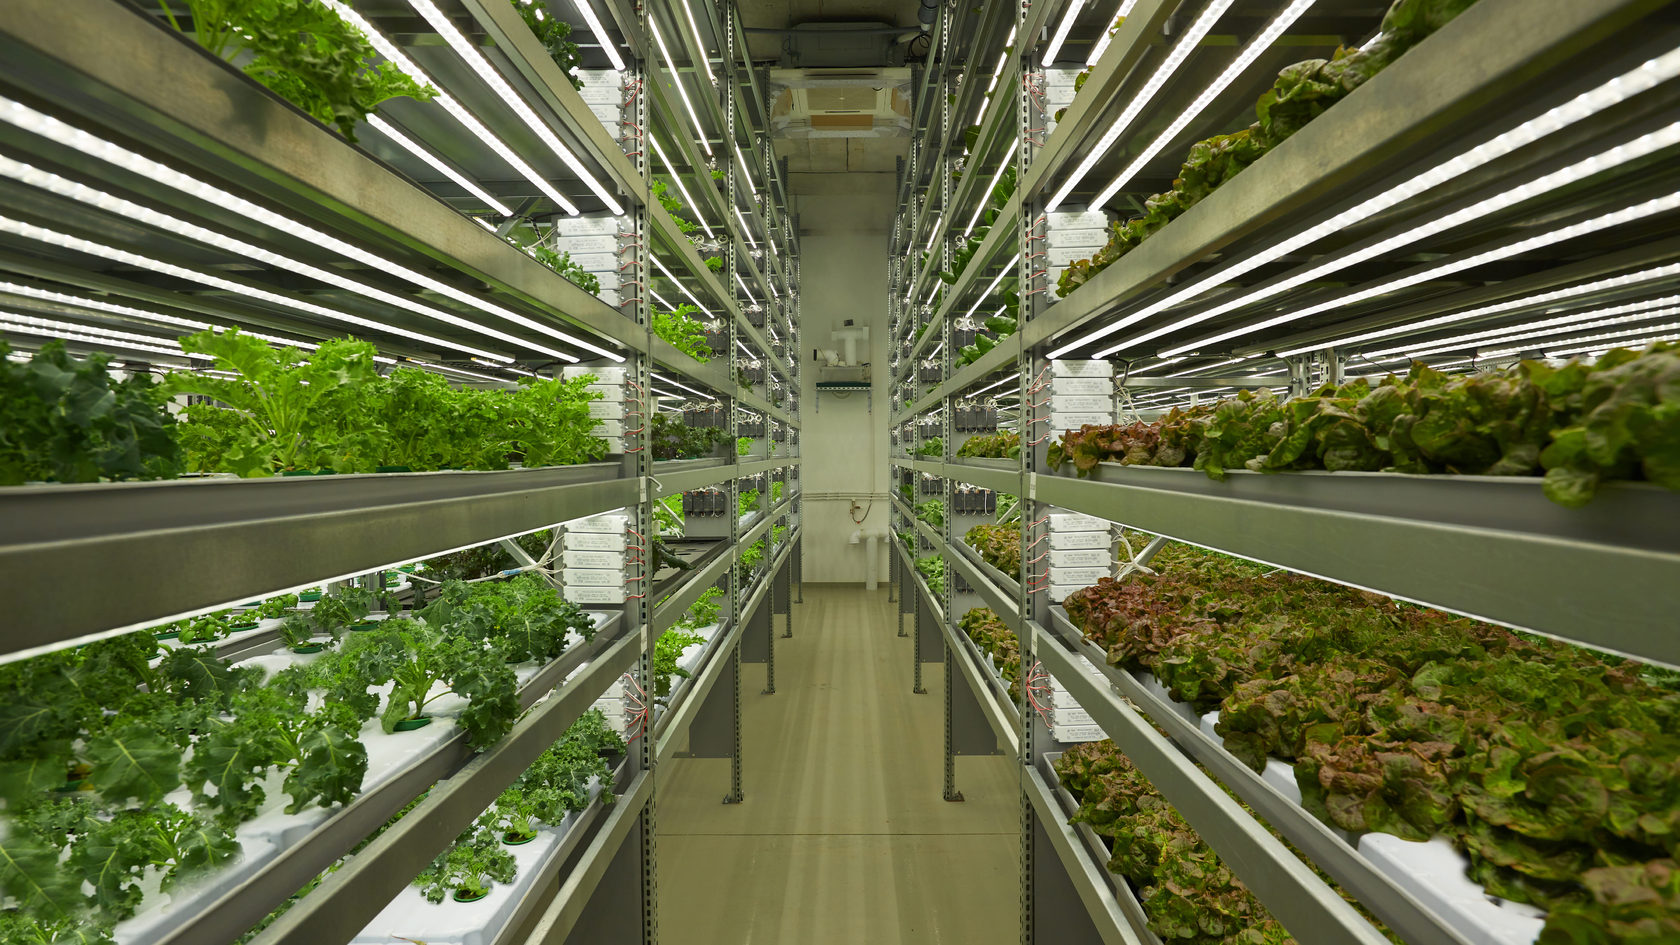 В Грузии осуществлён запуск вертикальной фермы